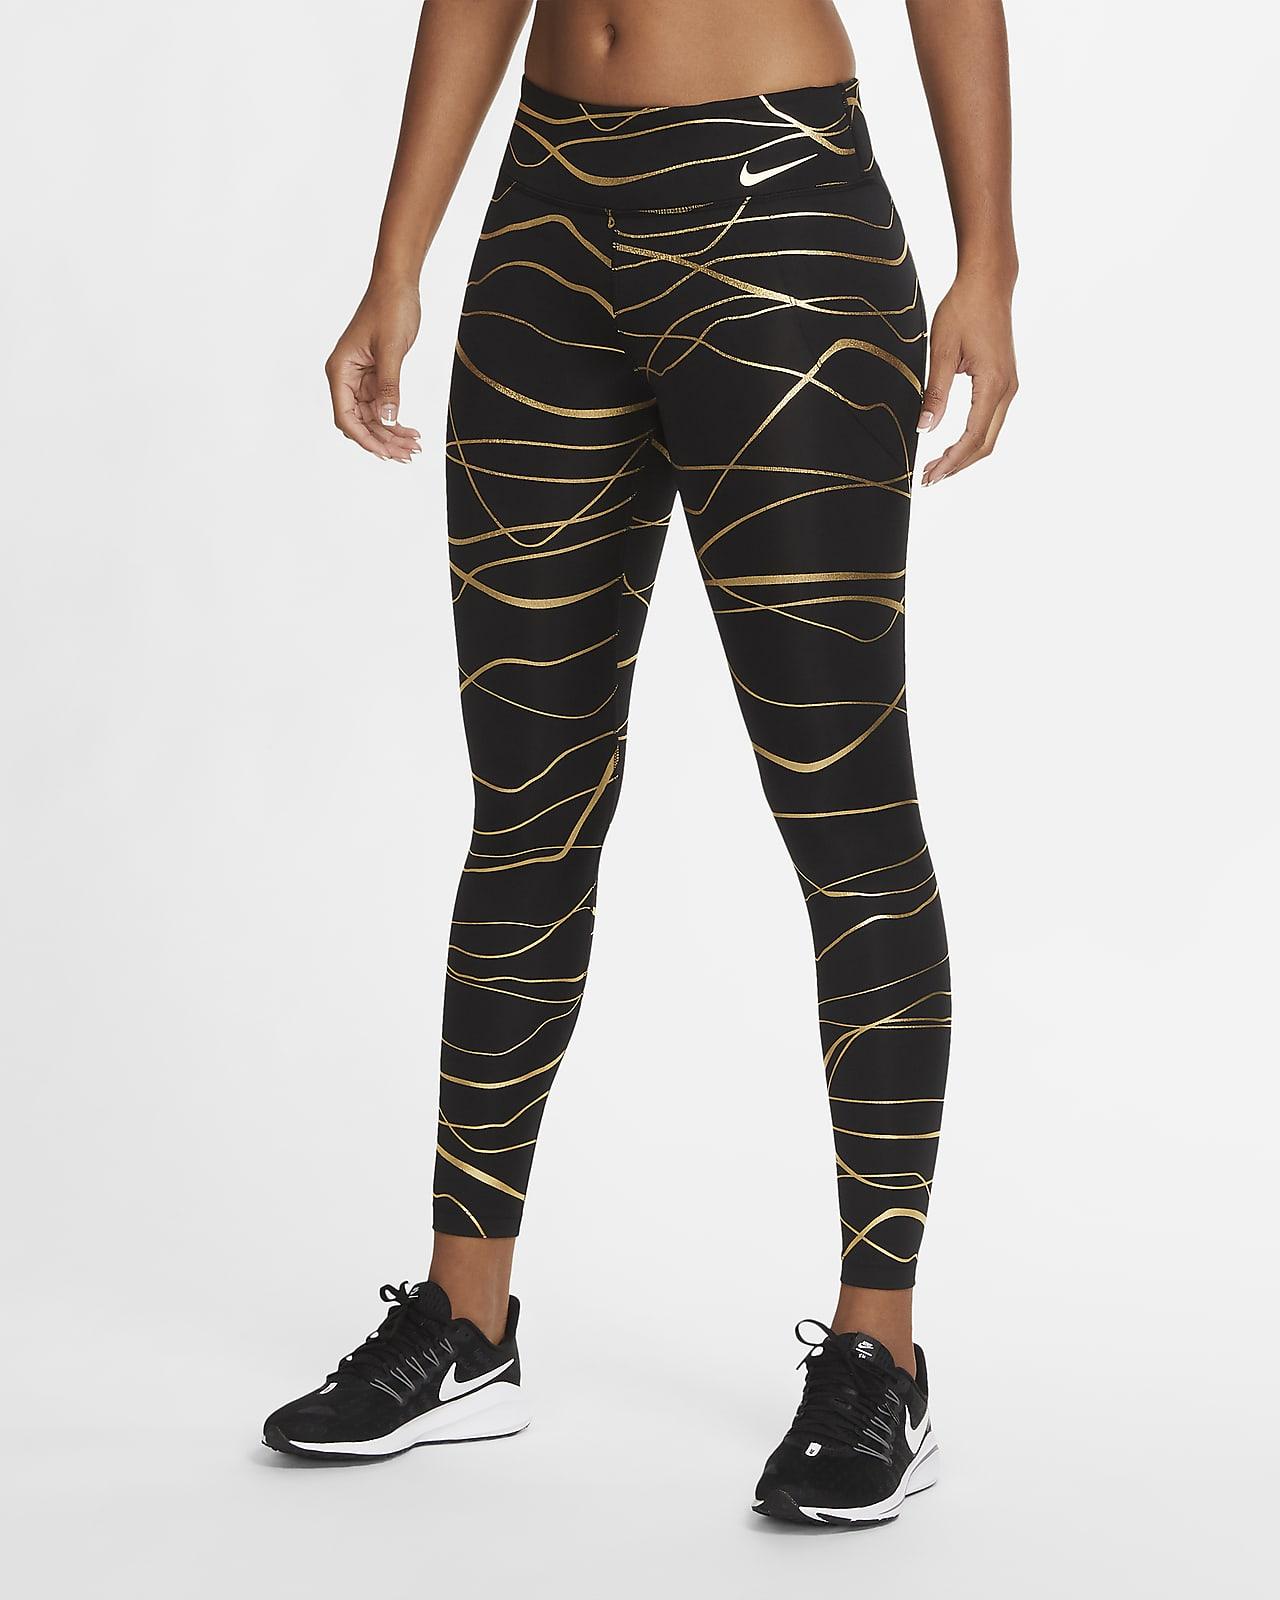 กางเกงวิ่งรัดรูปผู้หญิง Nike Icon Clash Fast